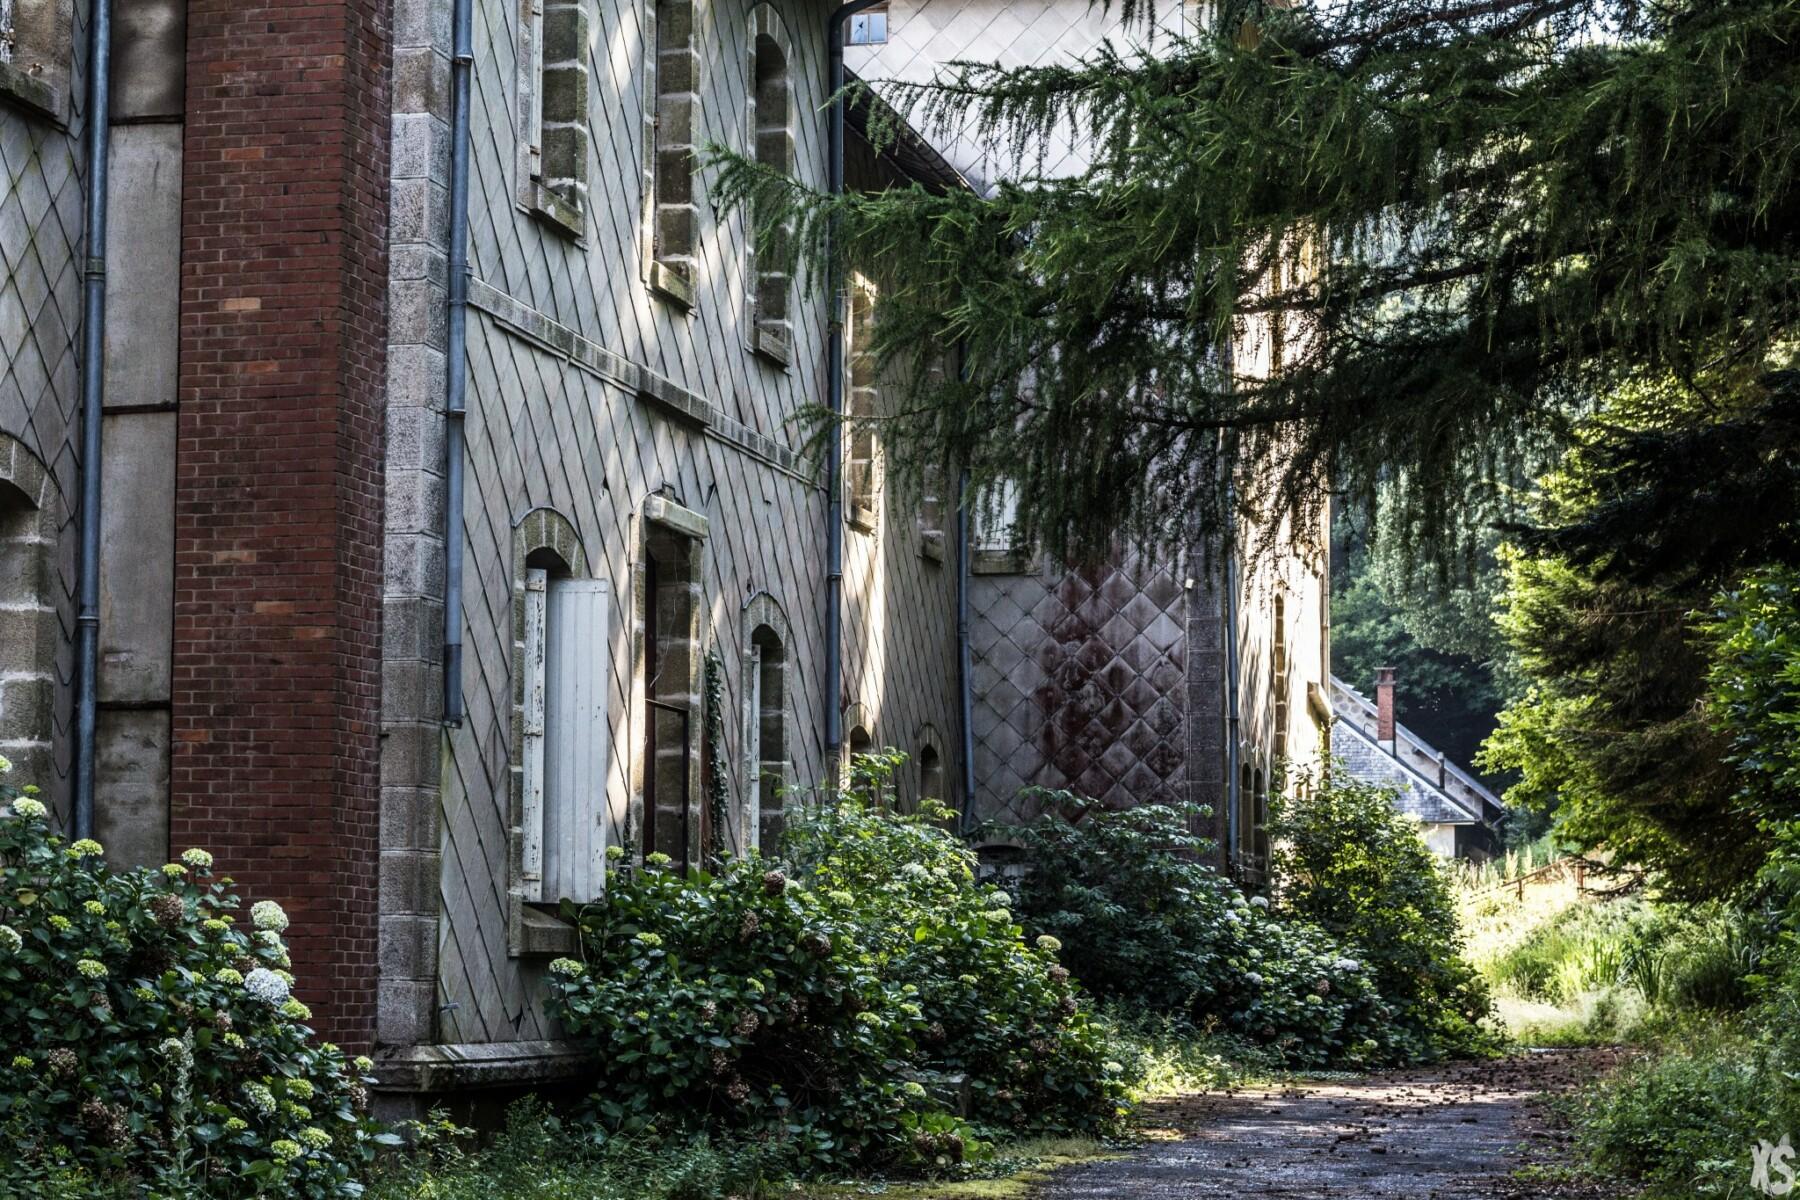 Sanatorium abandonné en Languedoc-Roussillon